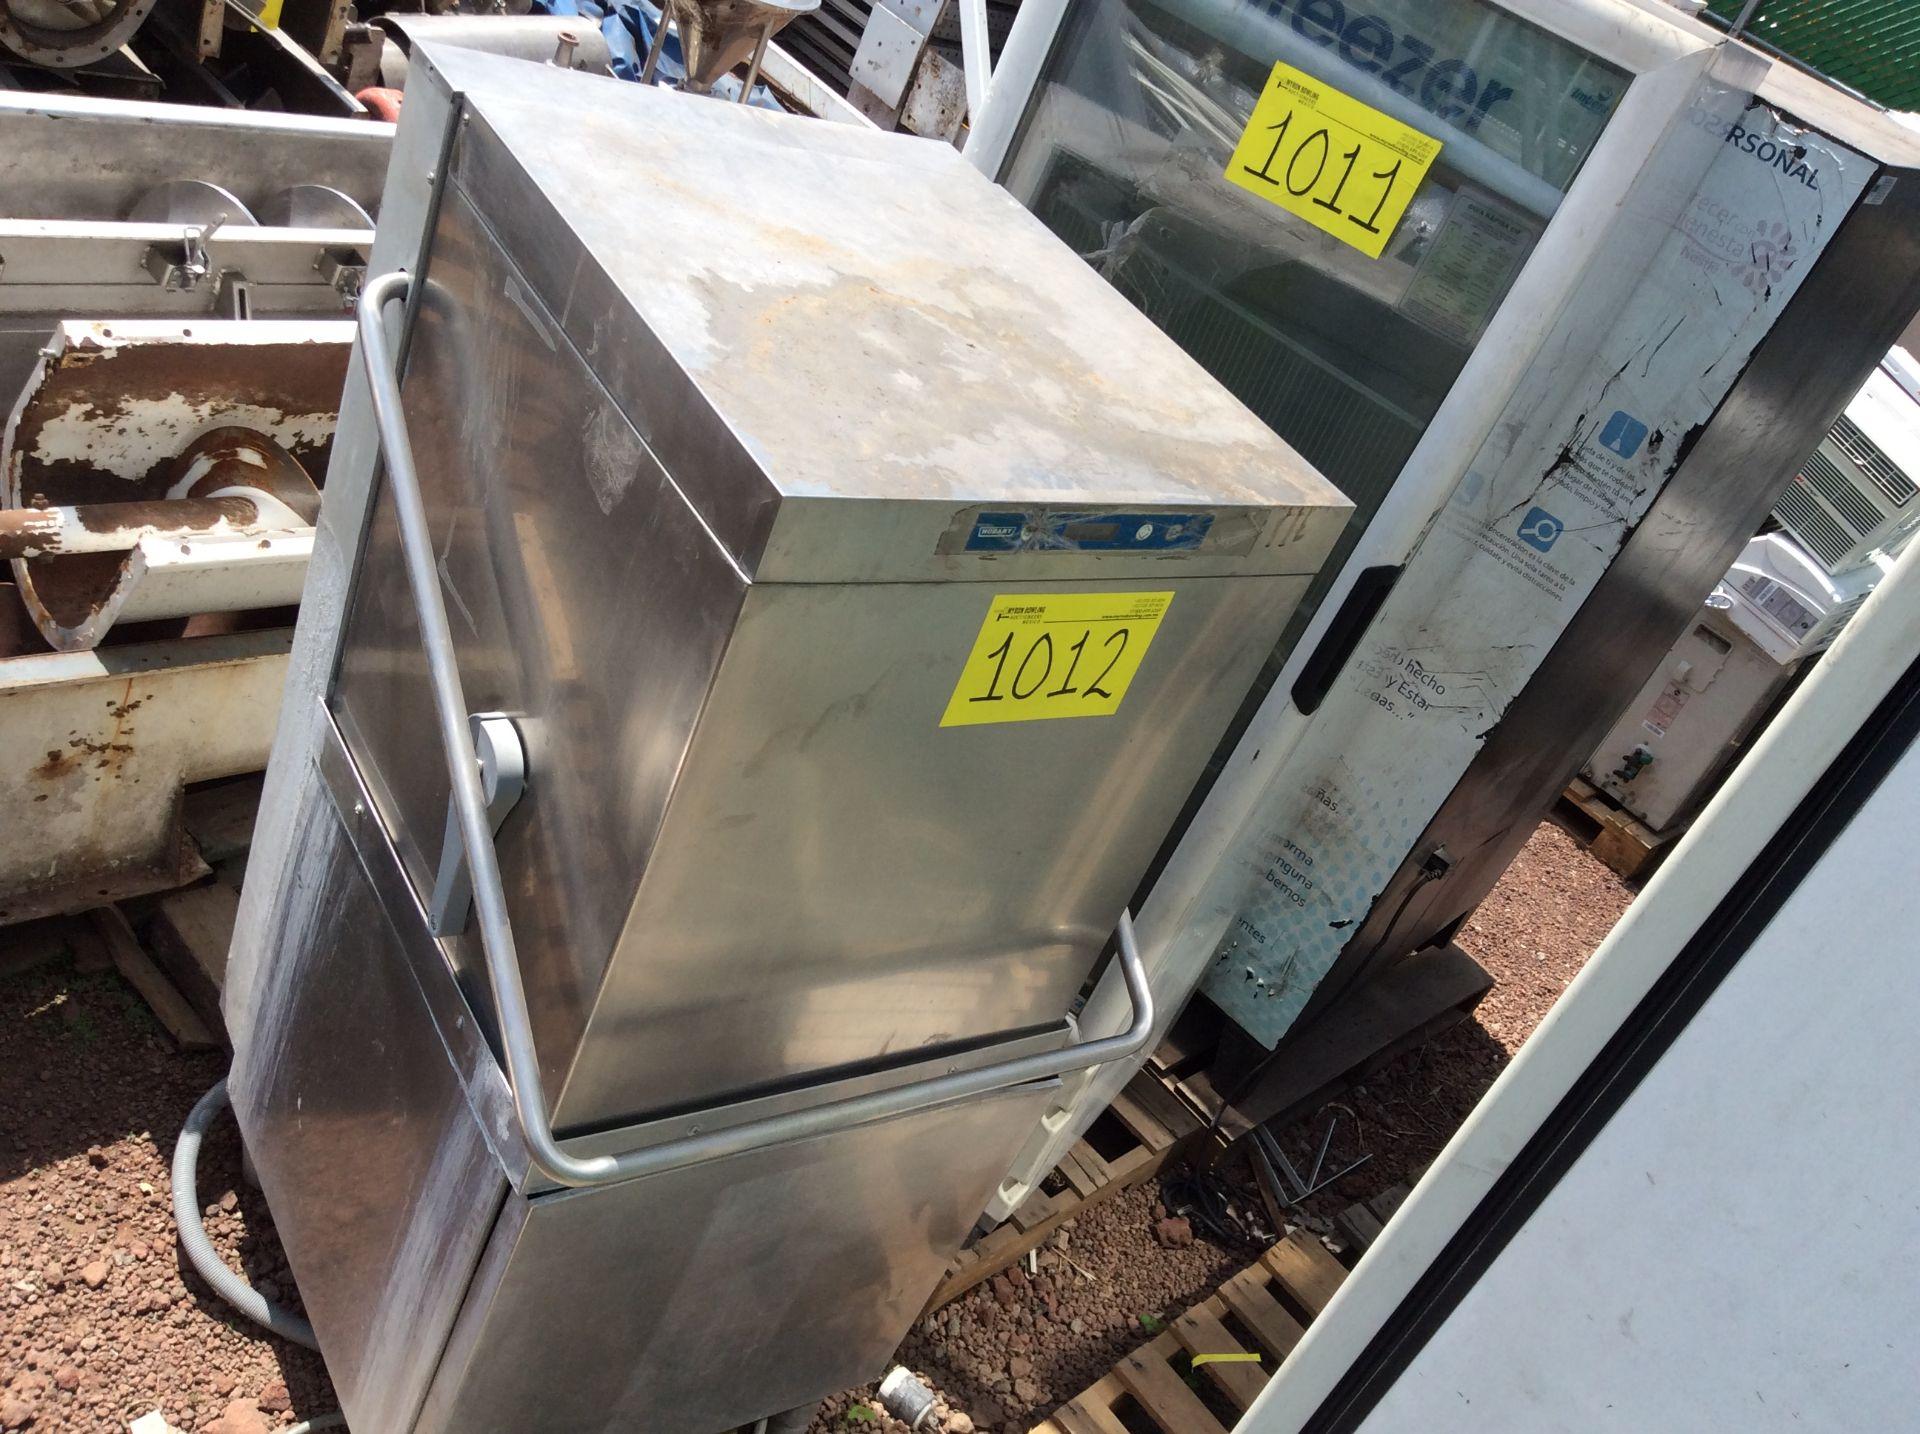 1 AMS Vending machine, 1 Hobart dishwasher - Image 6 of 11